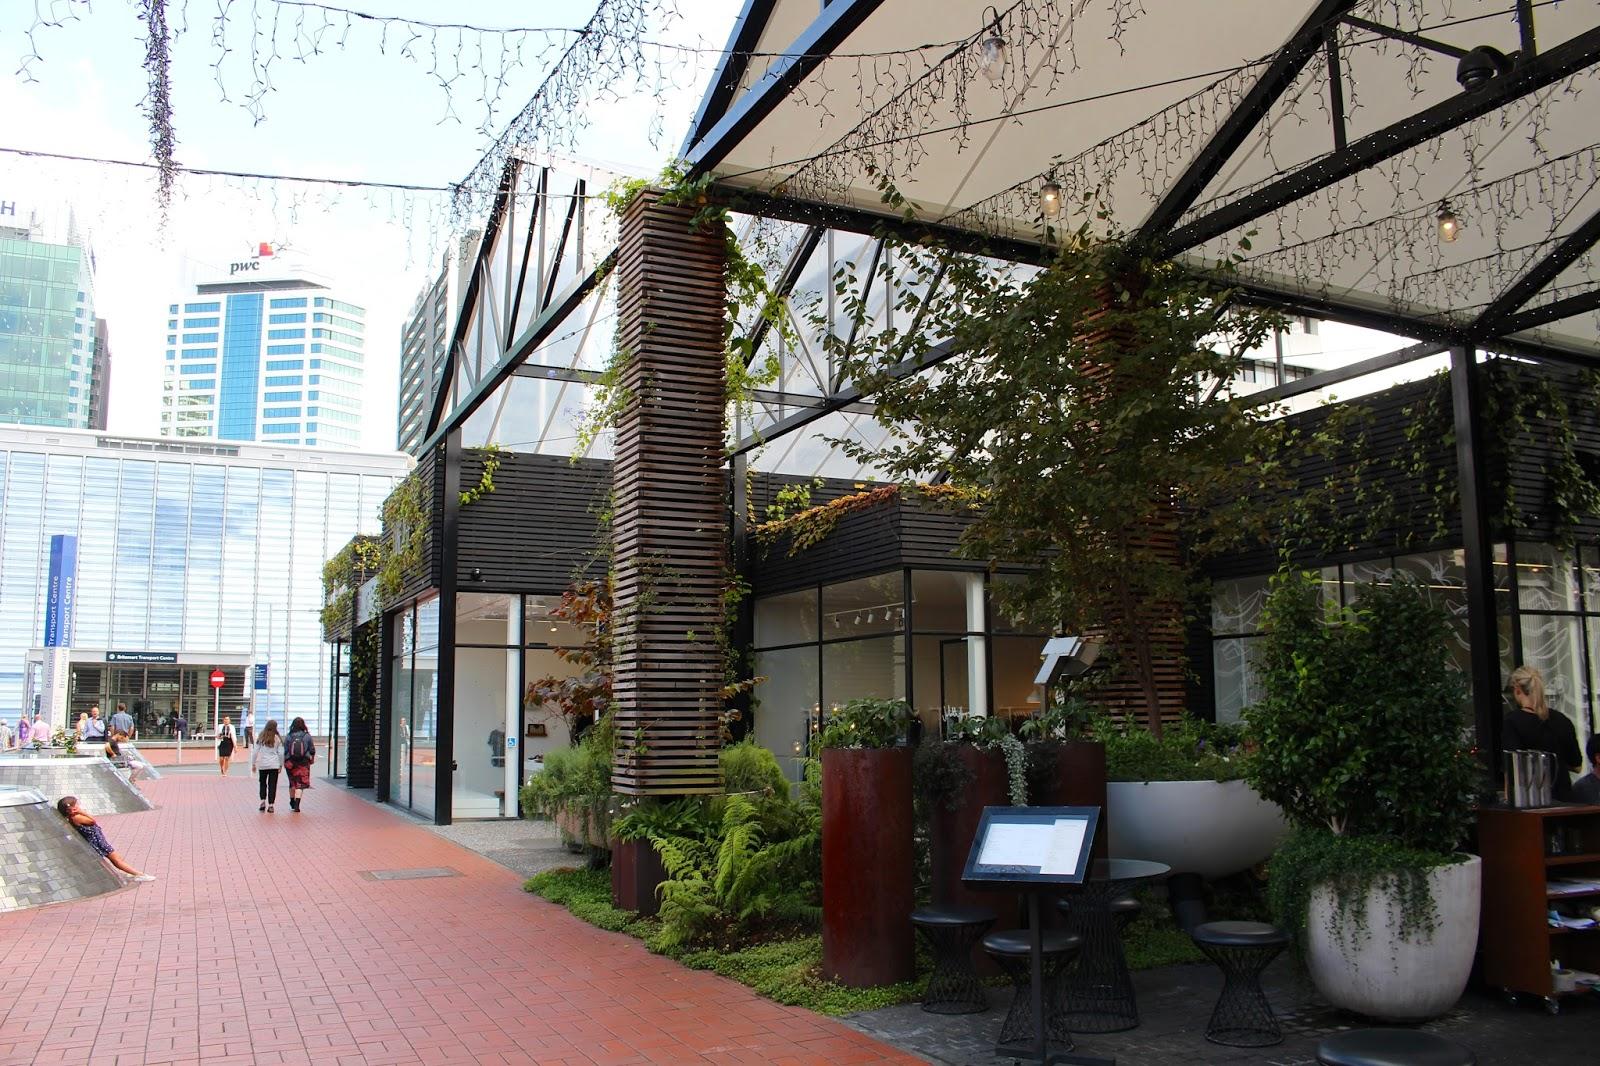 Auckland Hotspot guide - Britomart